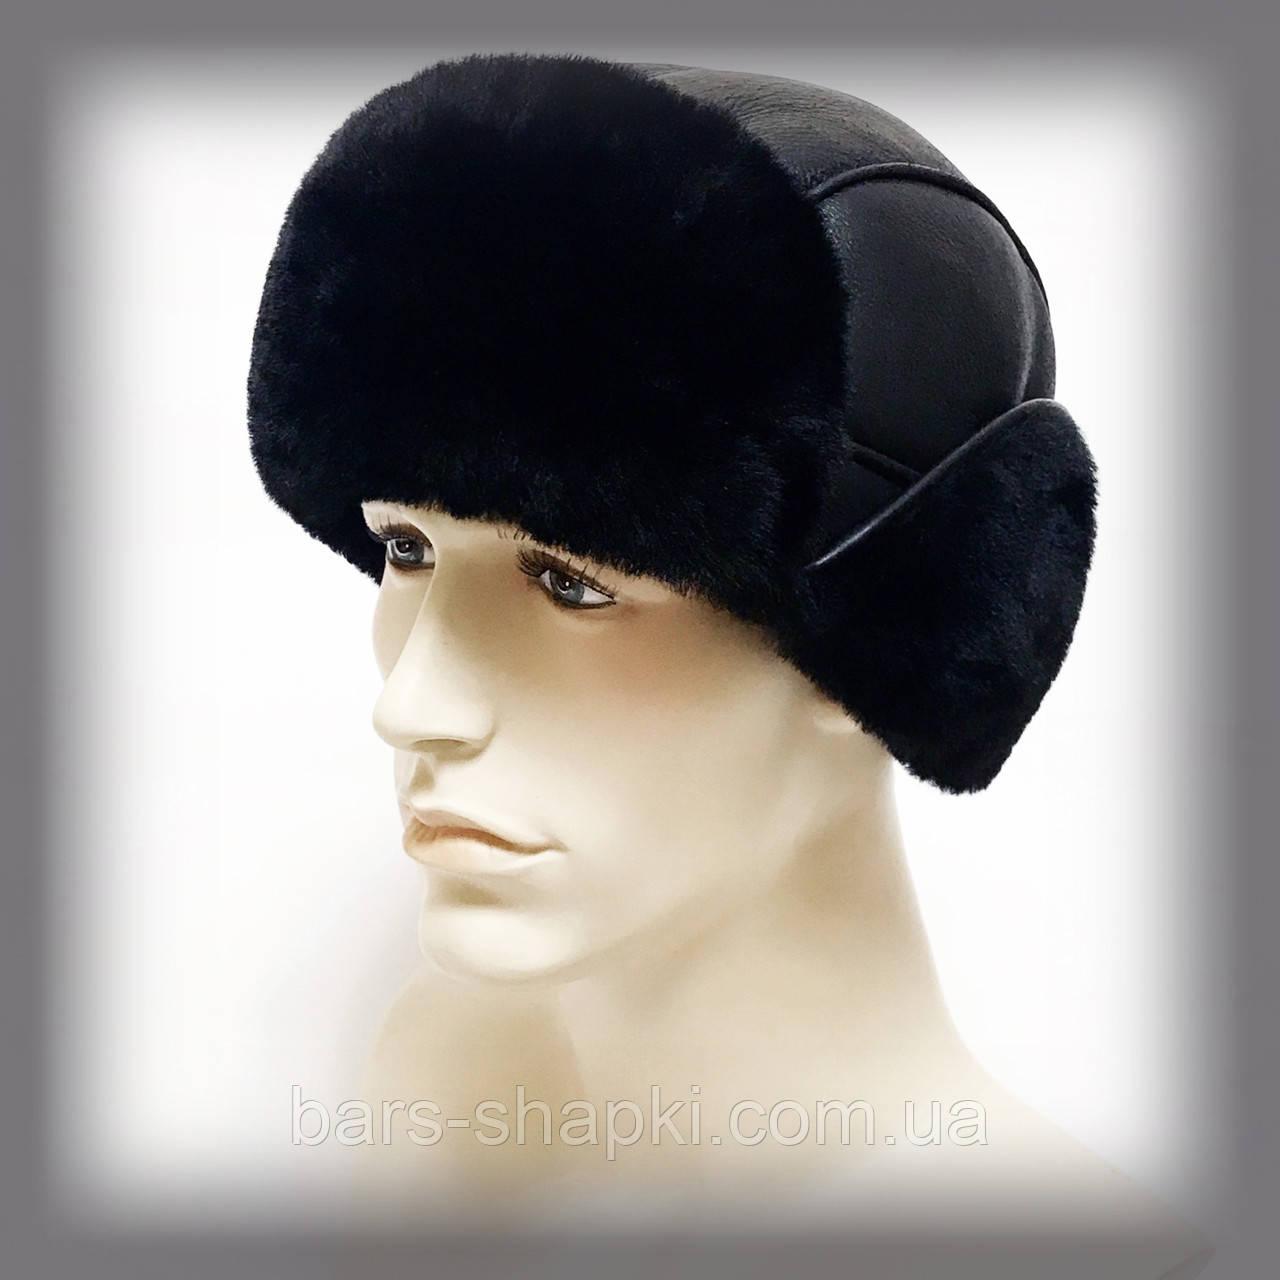 """Мужская шапка из овчины """"Короткие уши"""" (чёрная)"""